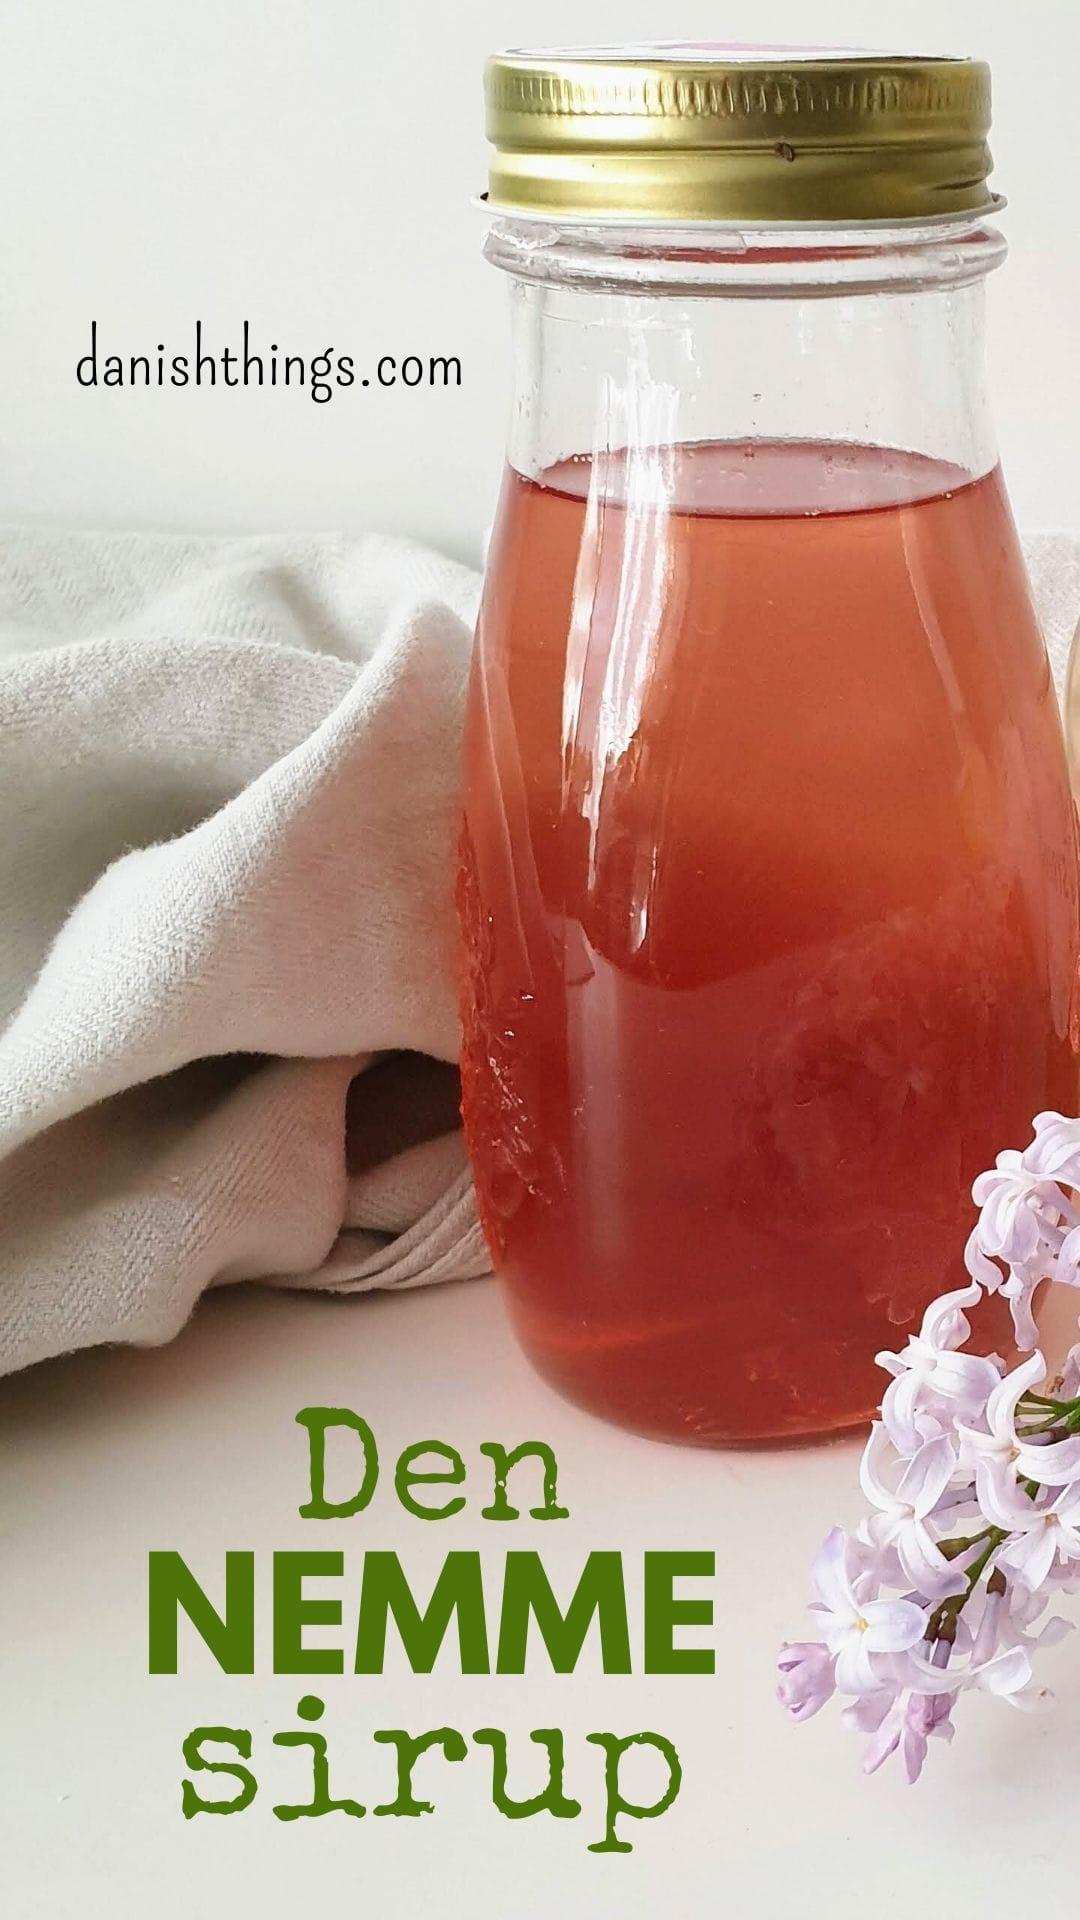 Syrensirup - sådan laver du den nemt, hurtigt og uden trækketid. Drik din sirup som sodavand, saftevand eller brug den i drinks. Spis syrensirup på pandekager, yoghurt eller brug den i marmelade, slik og desserter. Find opskrifter, gratis print og inspiration til årets gang på danishthings.com #DanishThings #syrener #syren #syrensirup #syrensaft #saft #sirup #nemt #hurtigt #forår